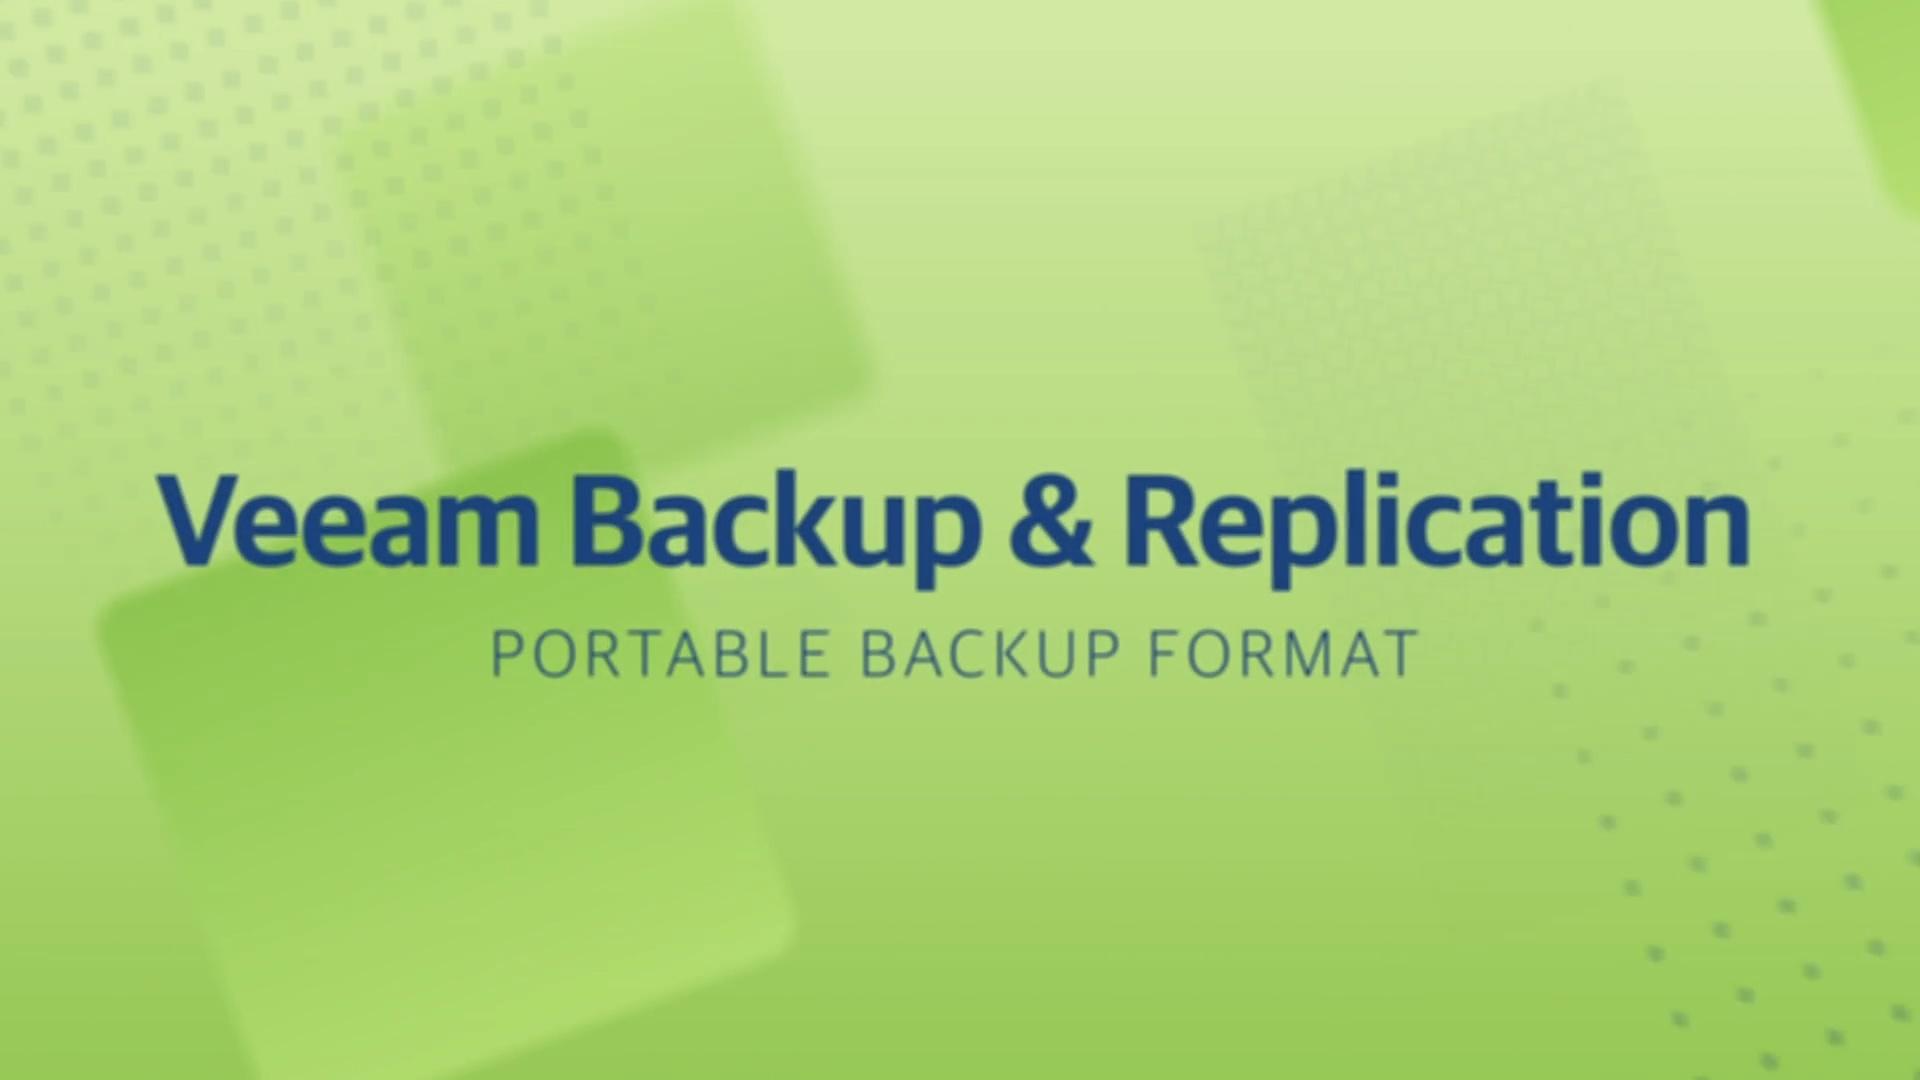 Product launch v11 - VBR - Portable Backup Format